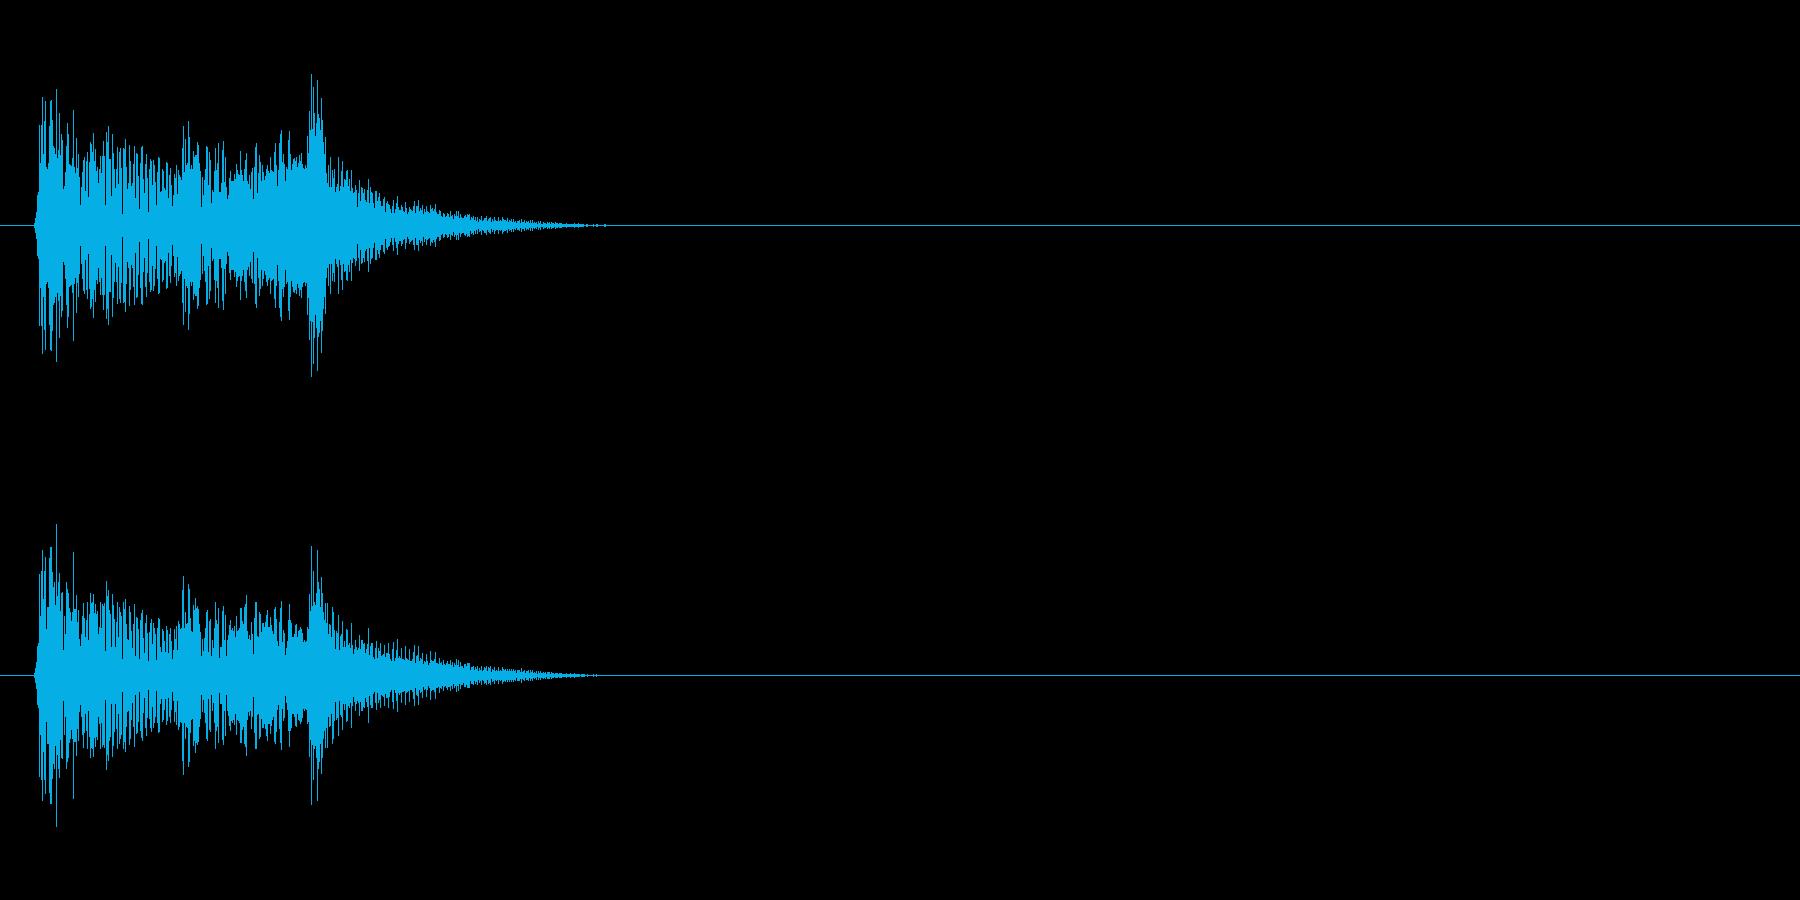 【ポップモーション01-3】の再生済みの波形